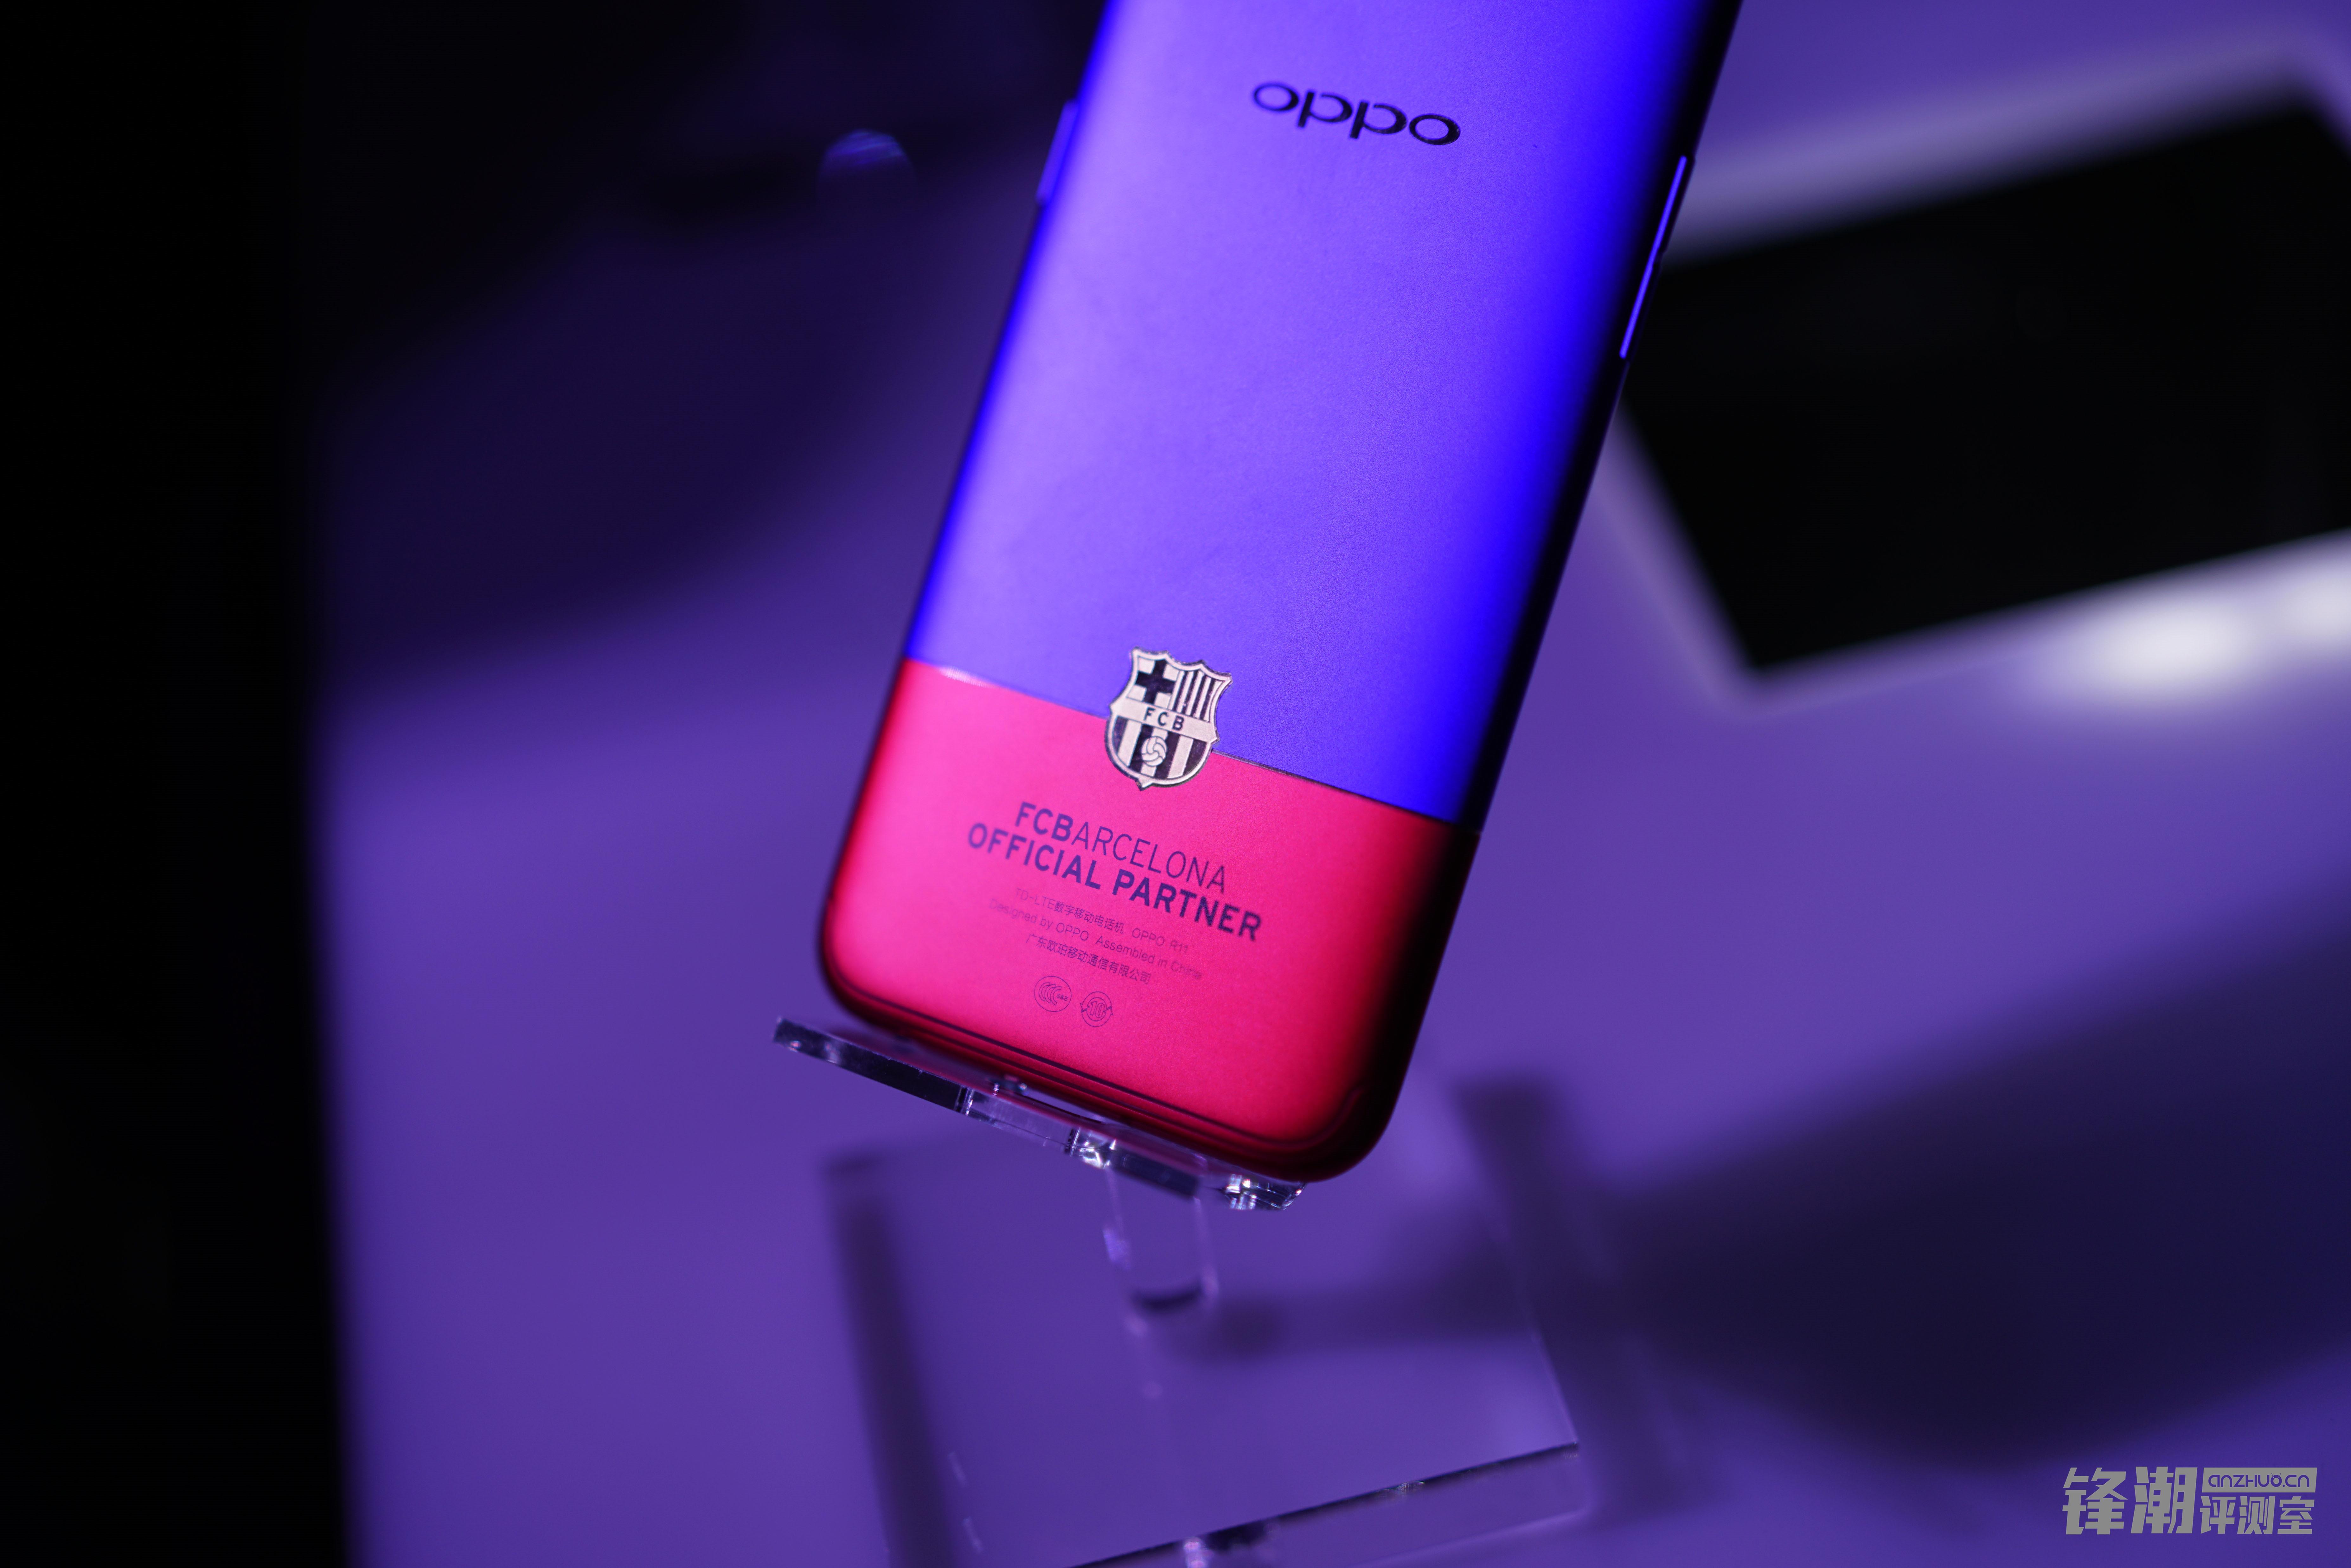 【力皮西】红蓝激情碰撞:OPPO R11巴萨定制版 上手体验